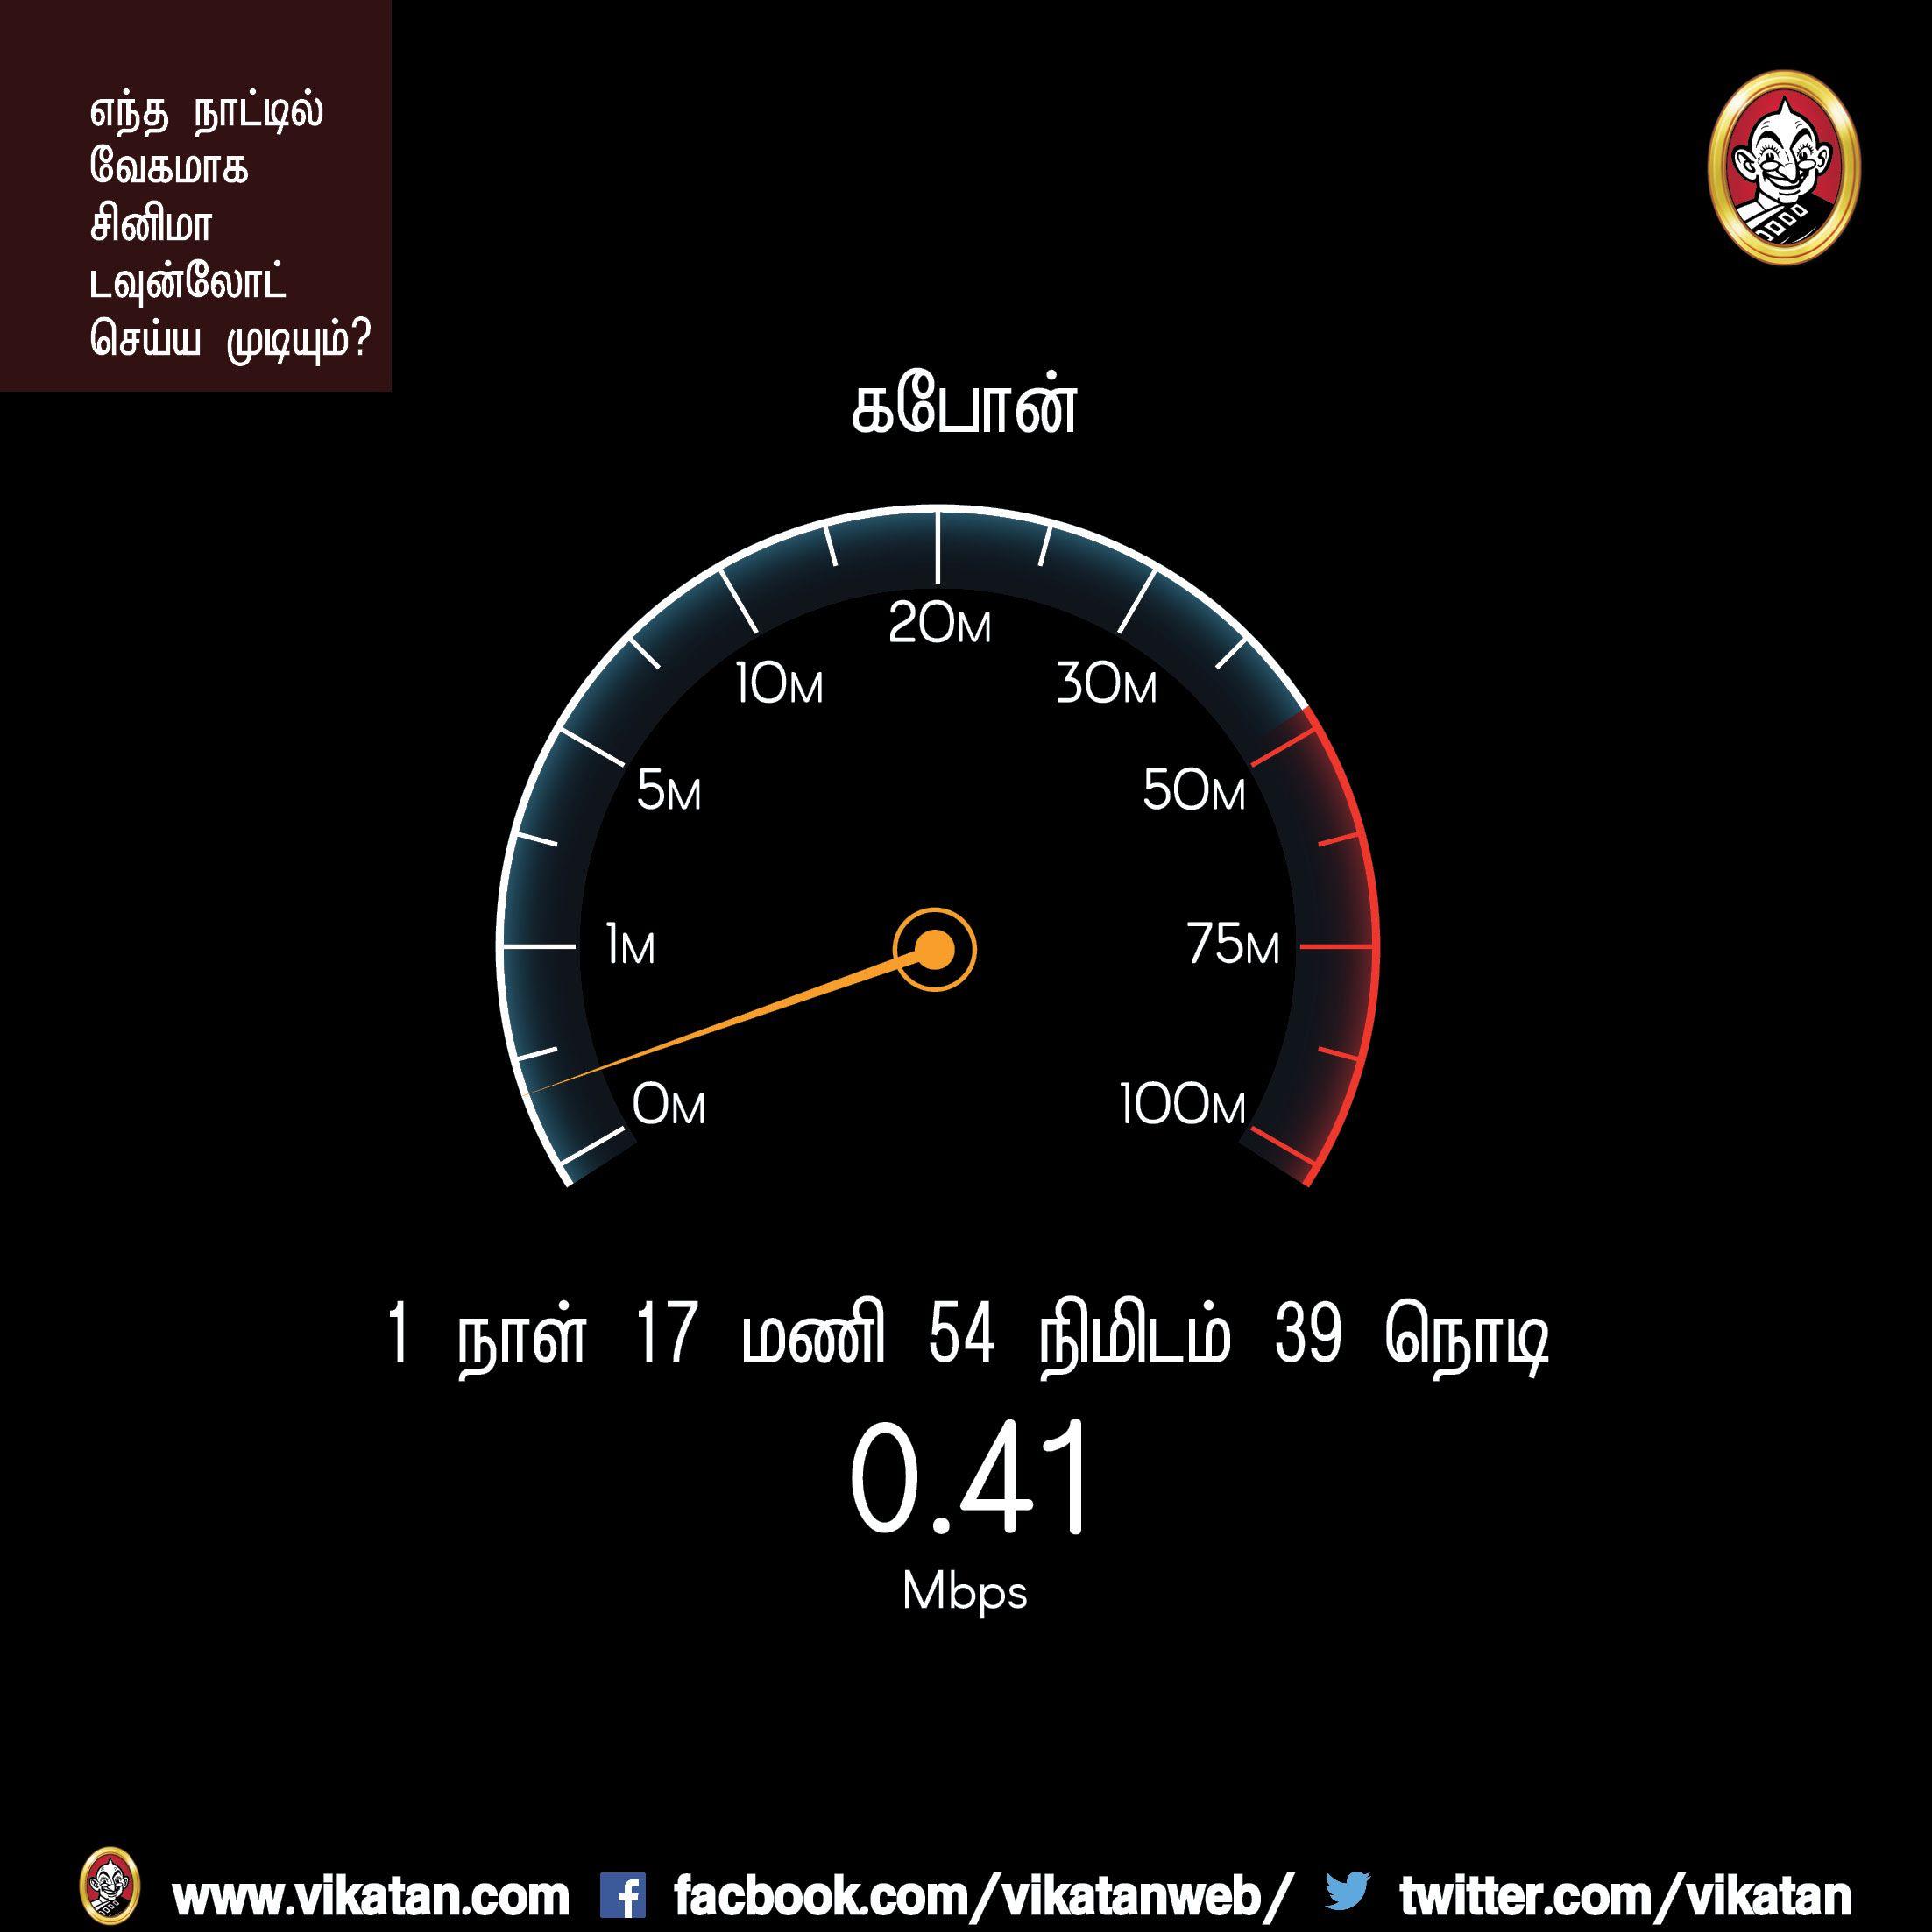 5.ஜி.பி ஃபைல்... எந்த நாட்டில் அது வேகமாக டவுன்லோடு ஆகும்? #VikatanPhotoCards #DataSpeed